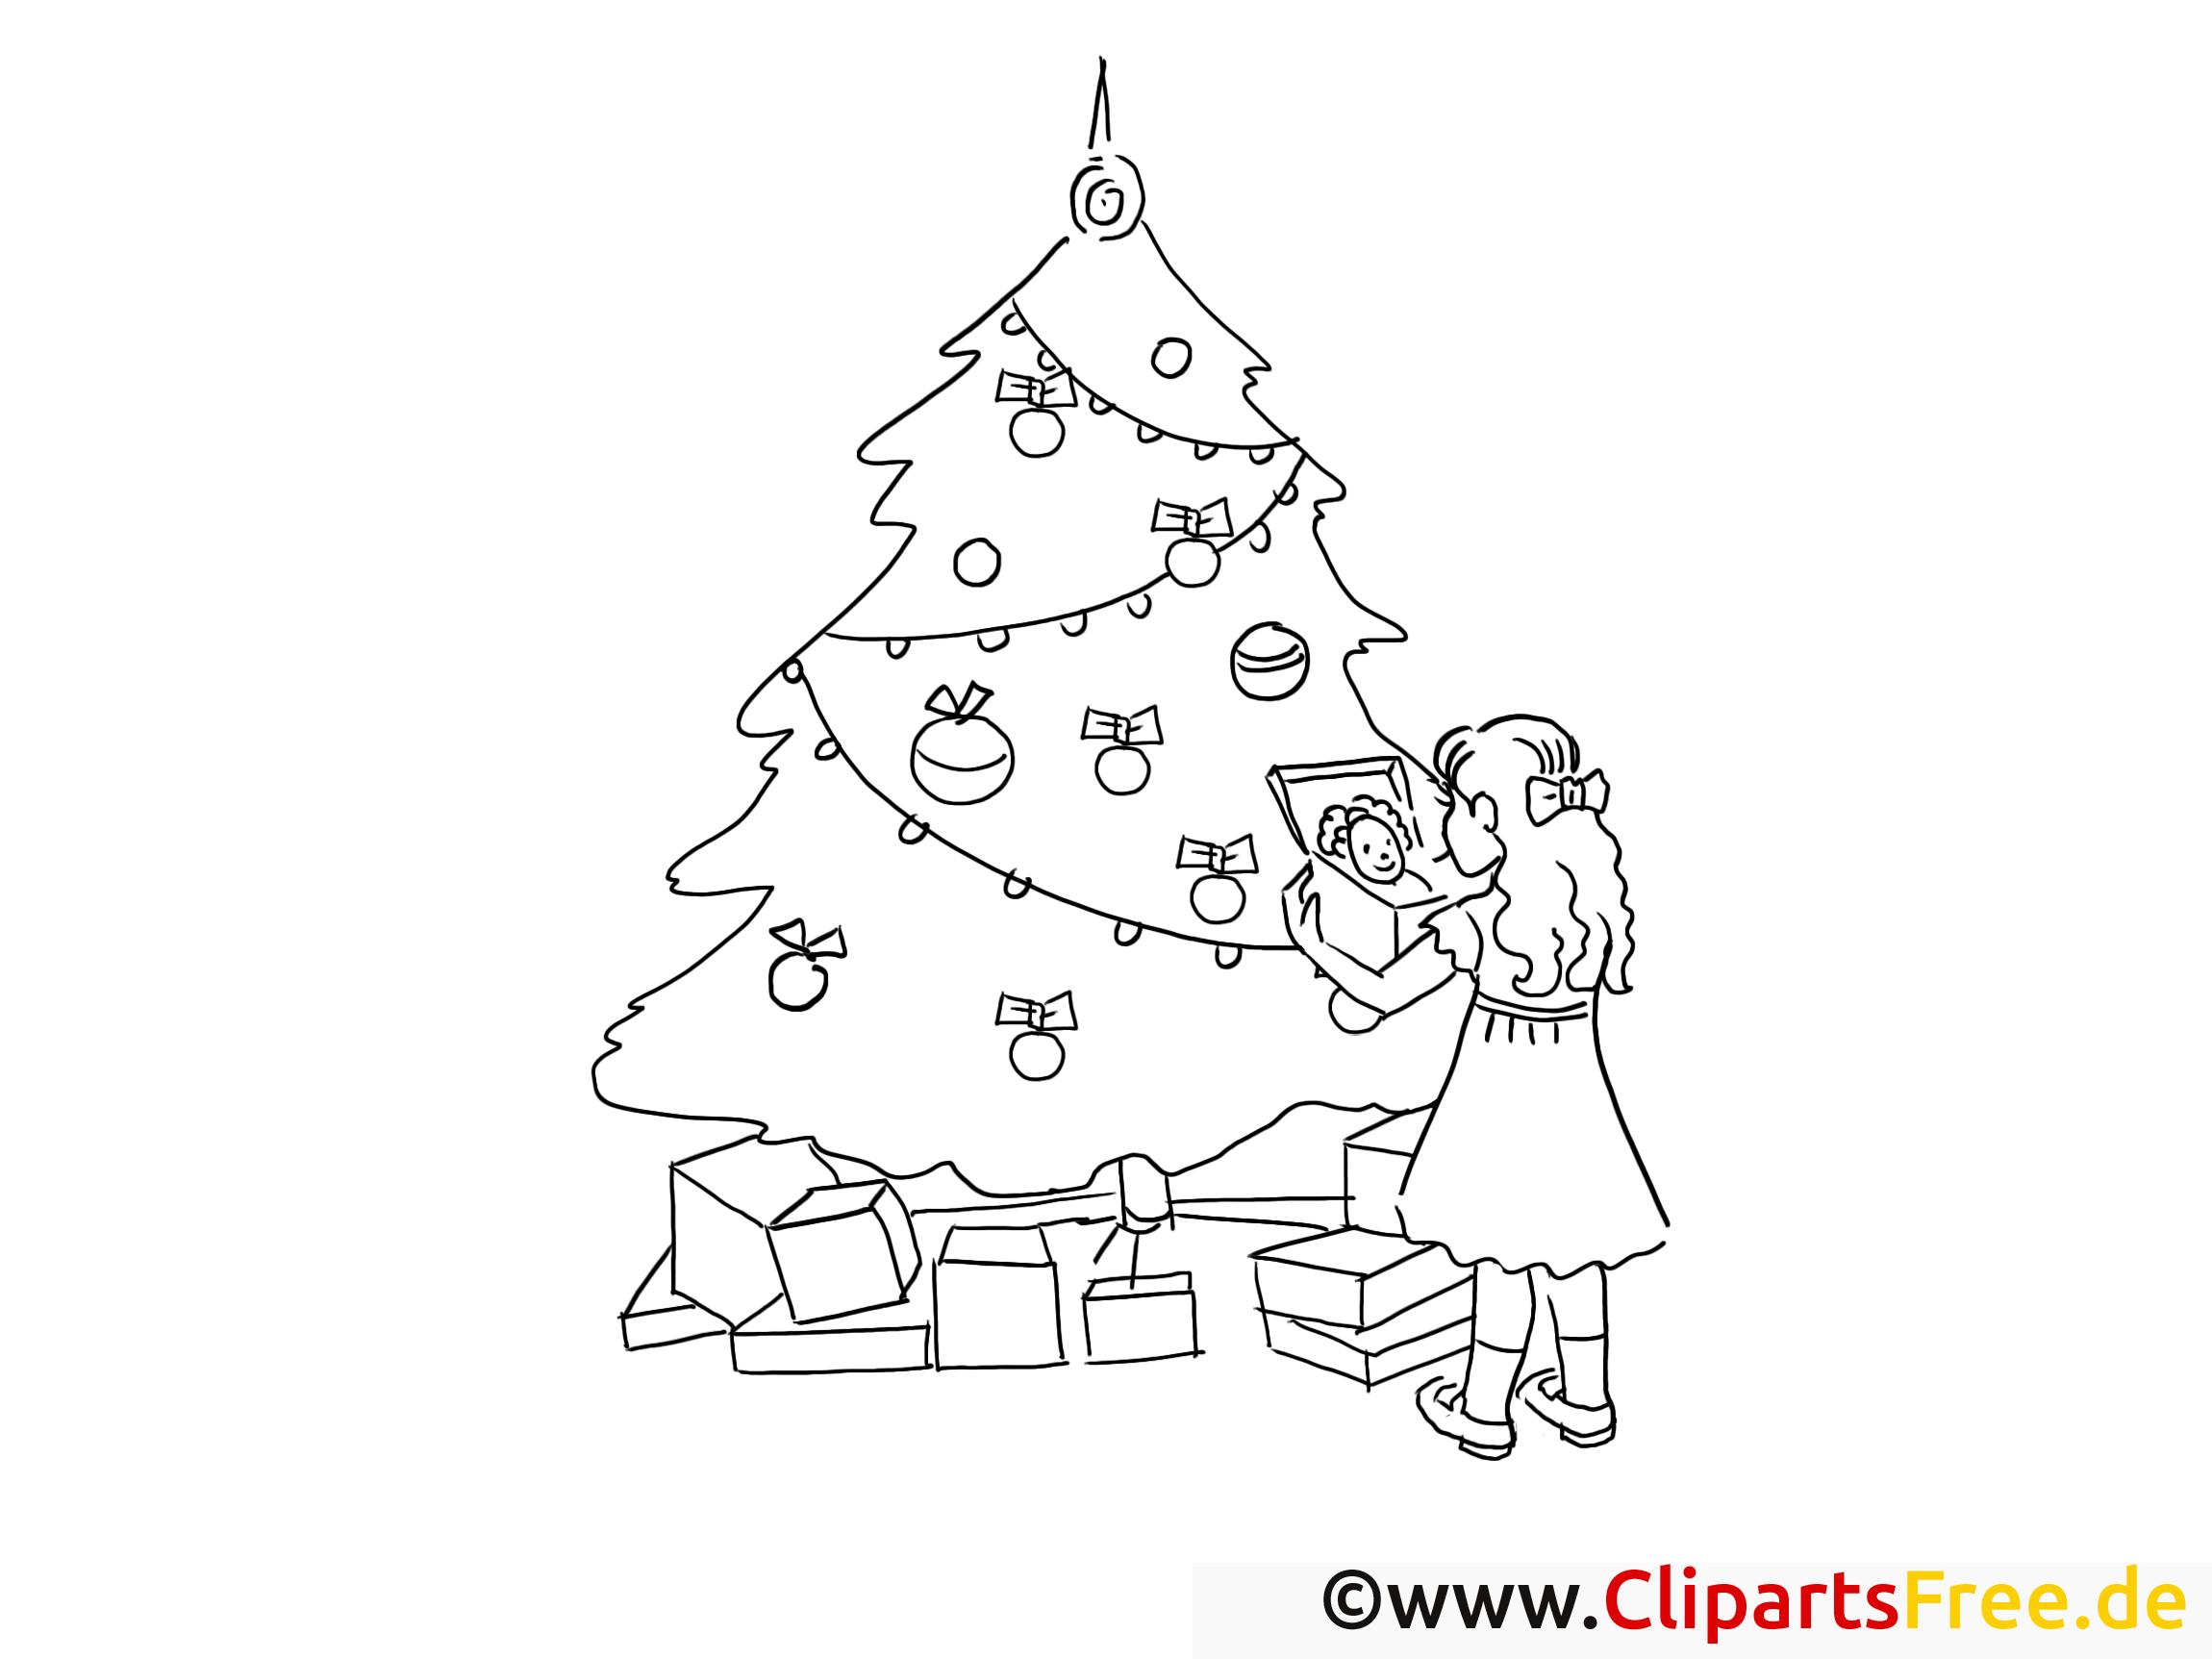 Mädchen bekommt Geschenke zu Weihnachten Ausmalbild